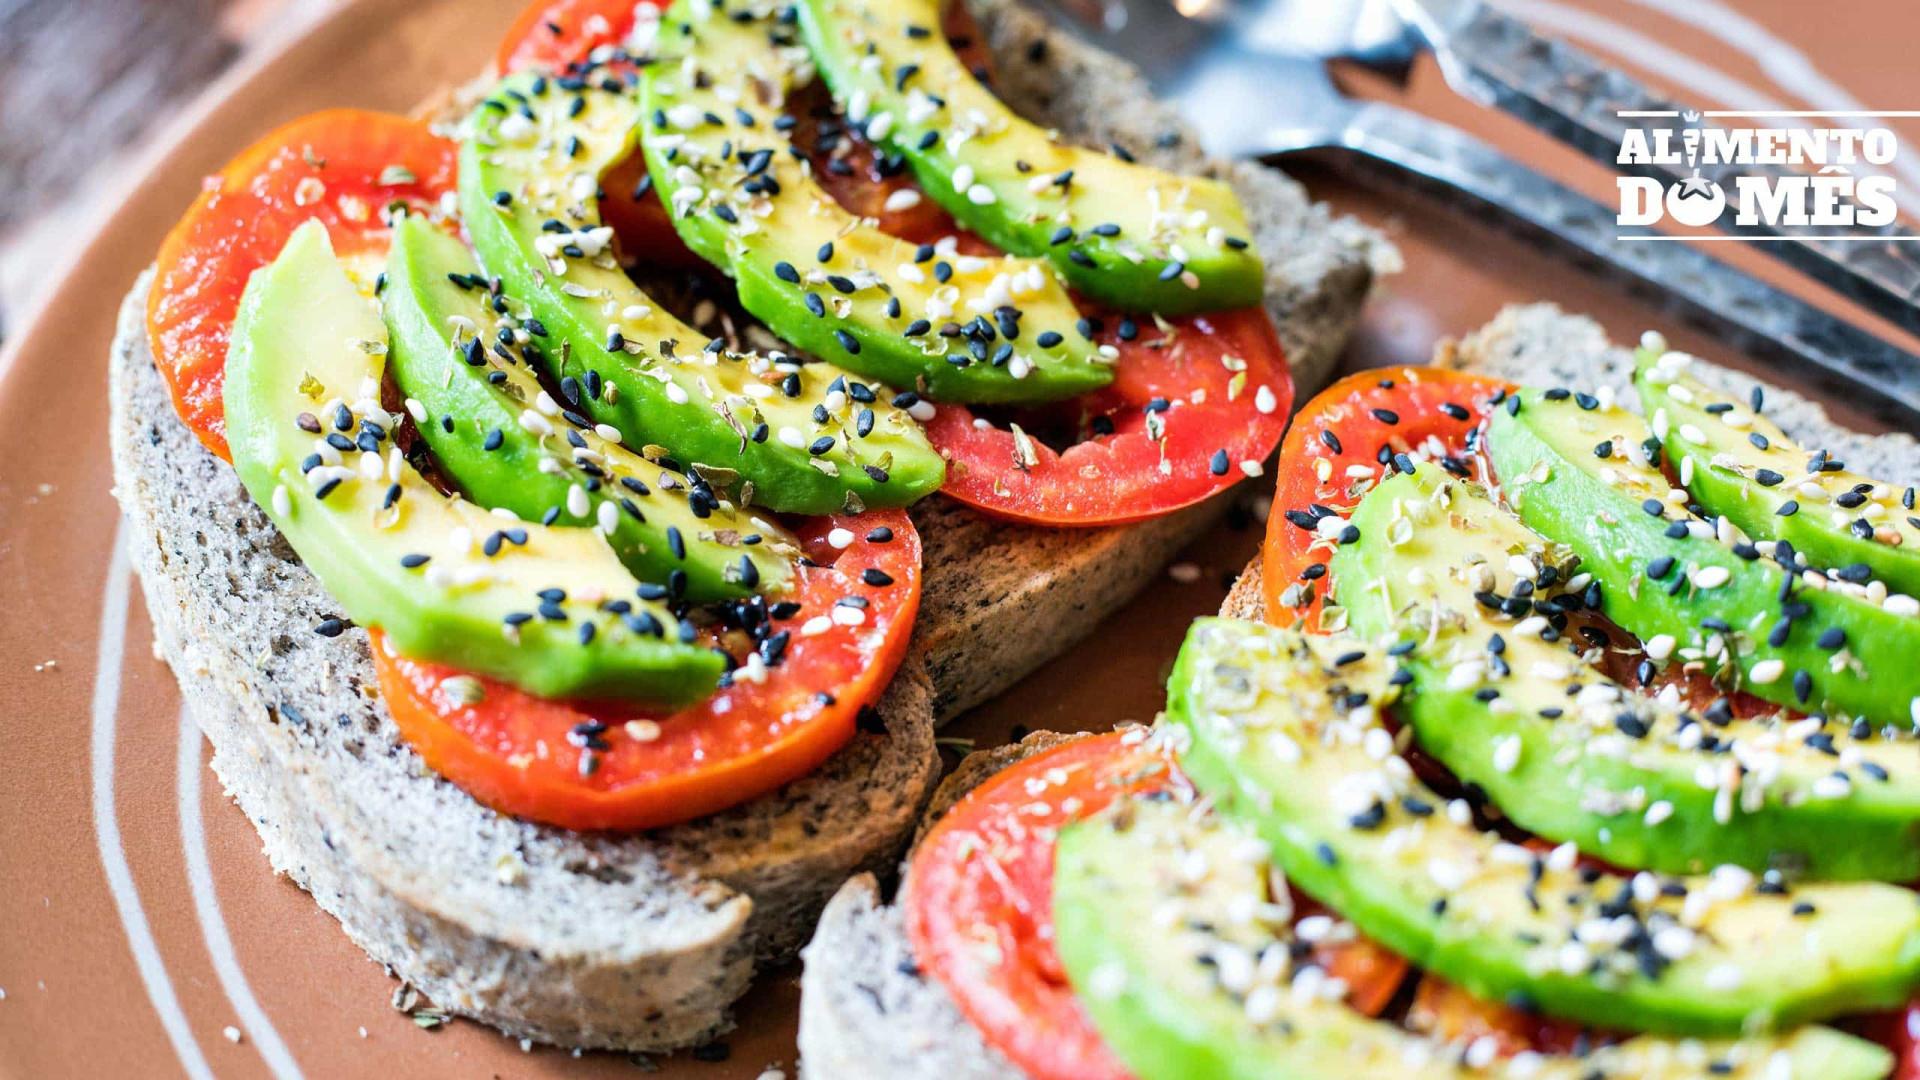 O abacate é rei! Os benefícios do alimento que já conquistou o mundo